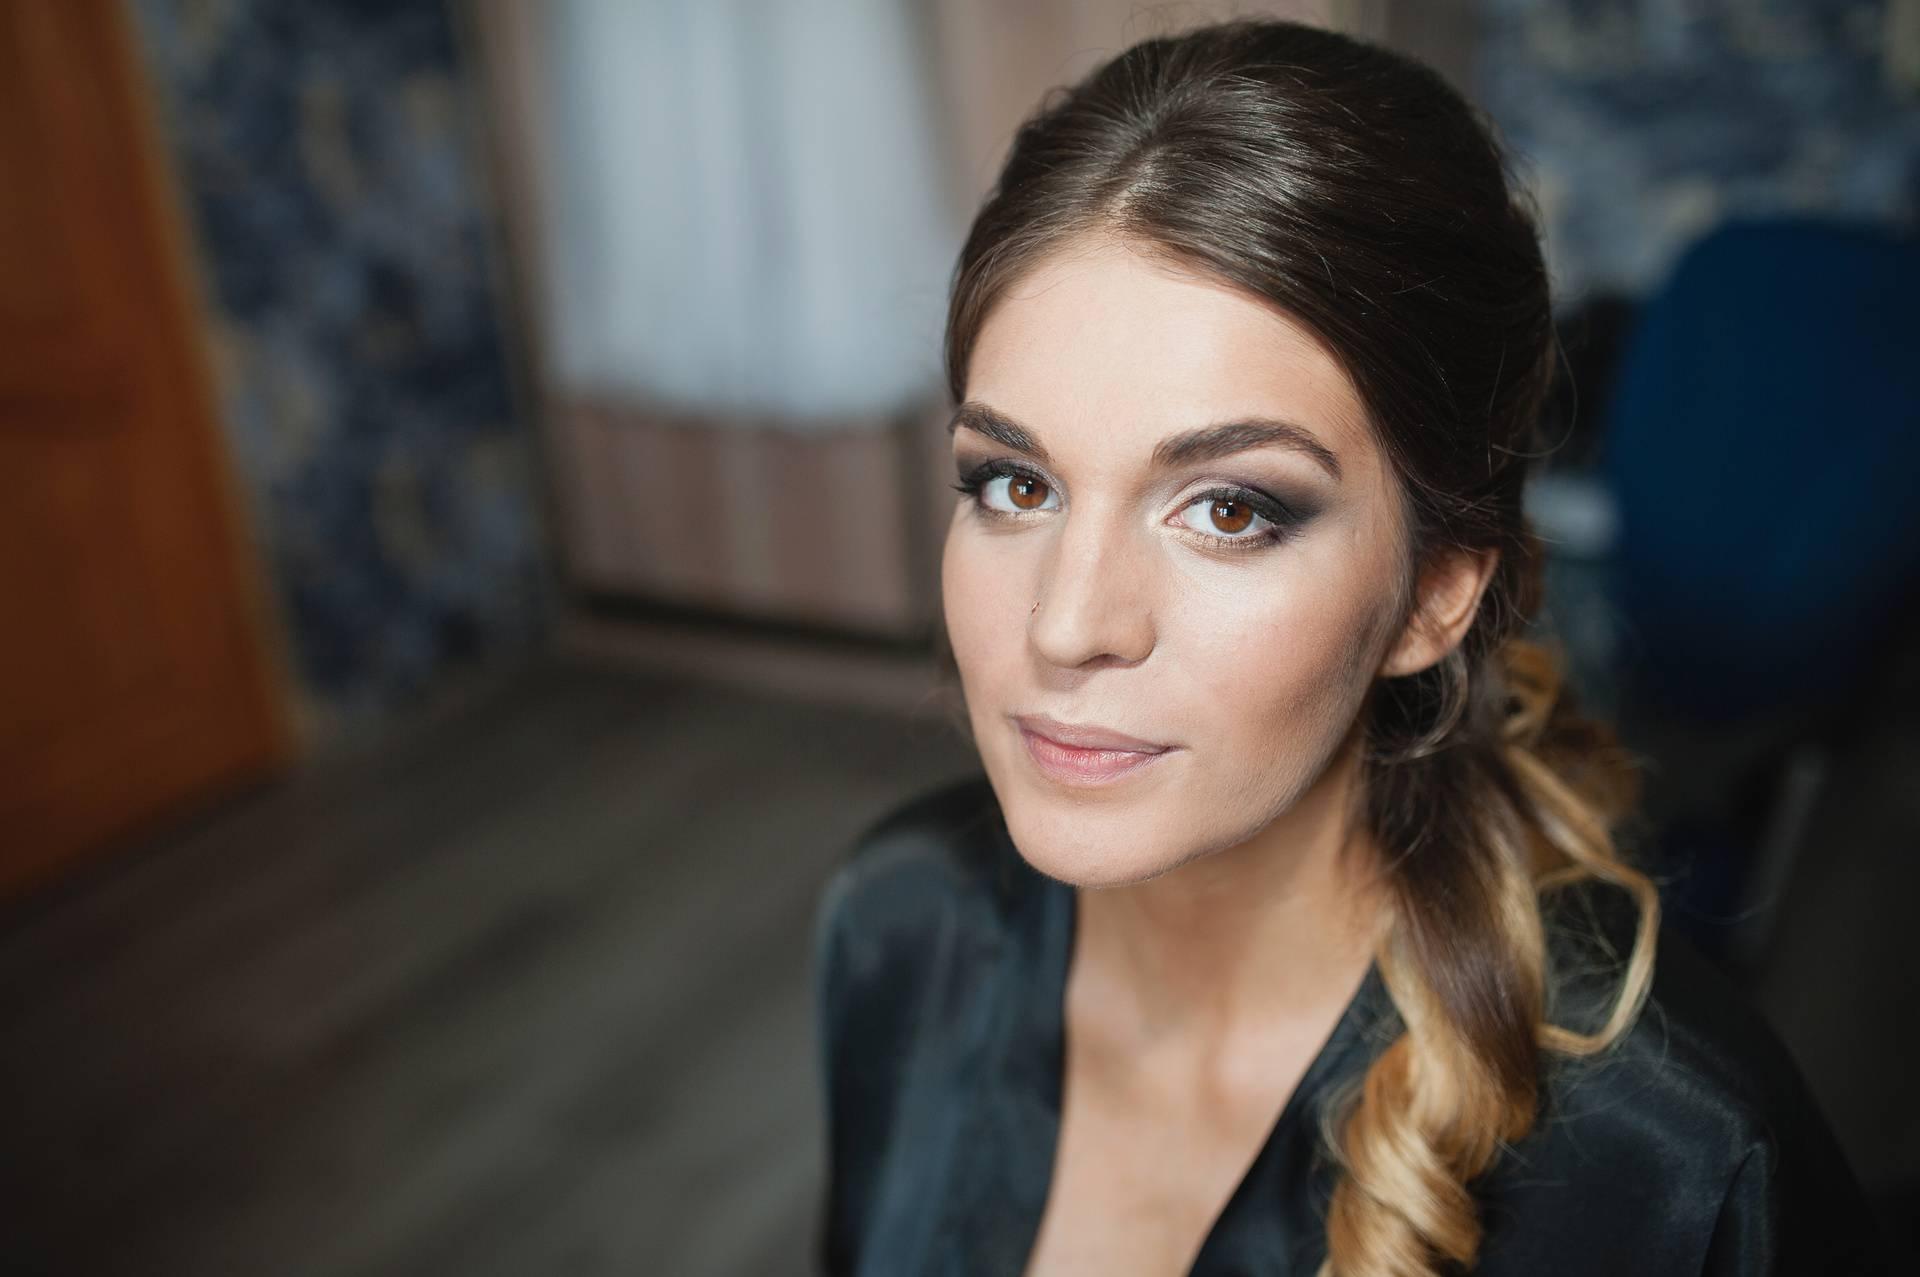 Povećajte oči makeup trikovima